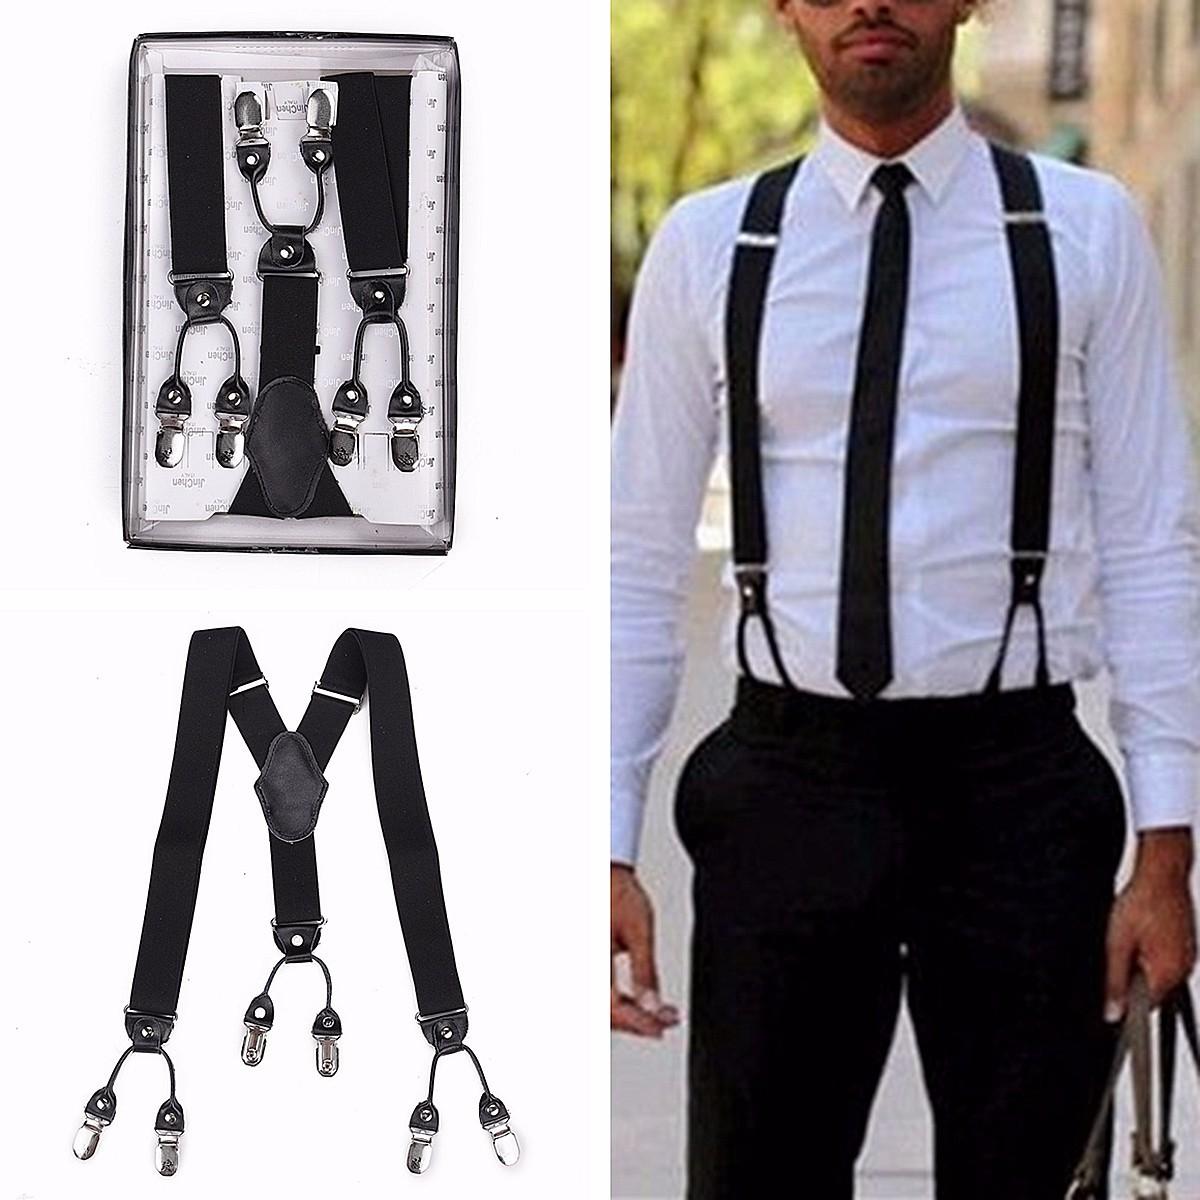 la vente de chaussures prix abordable remise spéciale Bretelle 6 Clips Noir Pantalon Réglable Y-forme Elastique Boucle Suspender  Homme